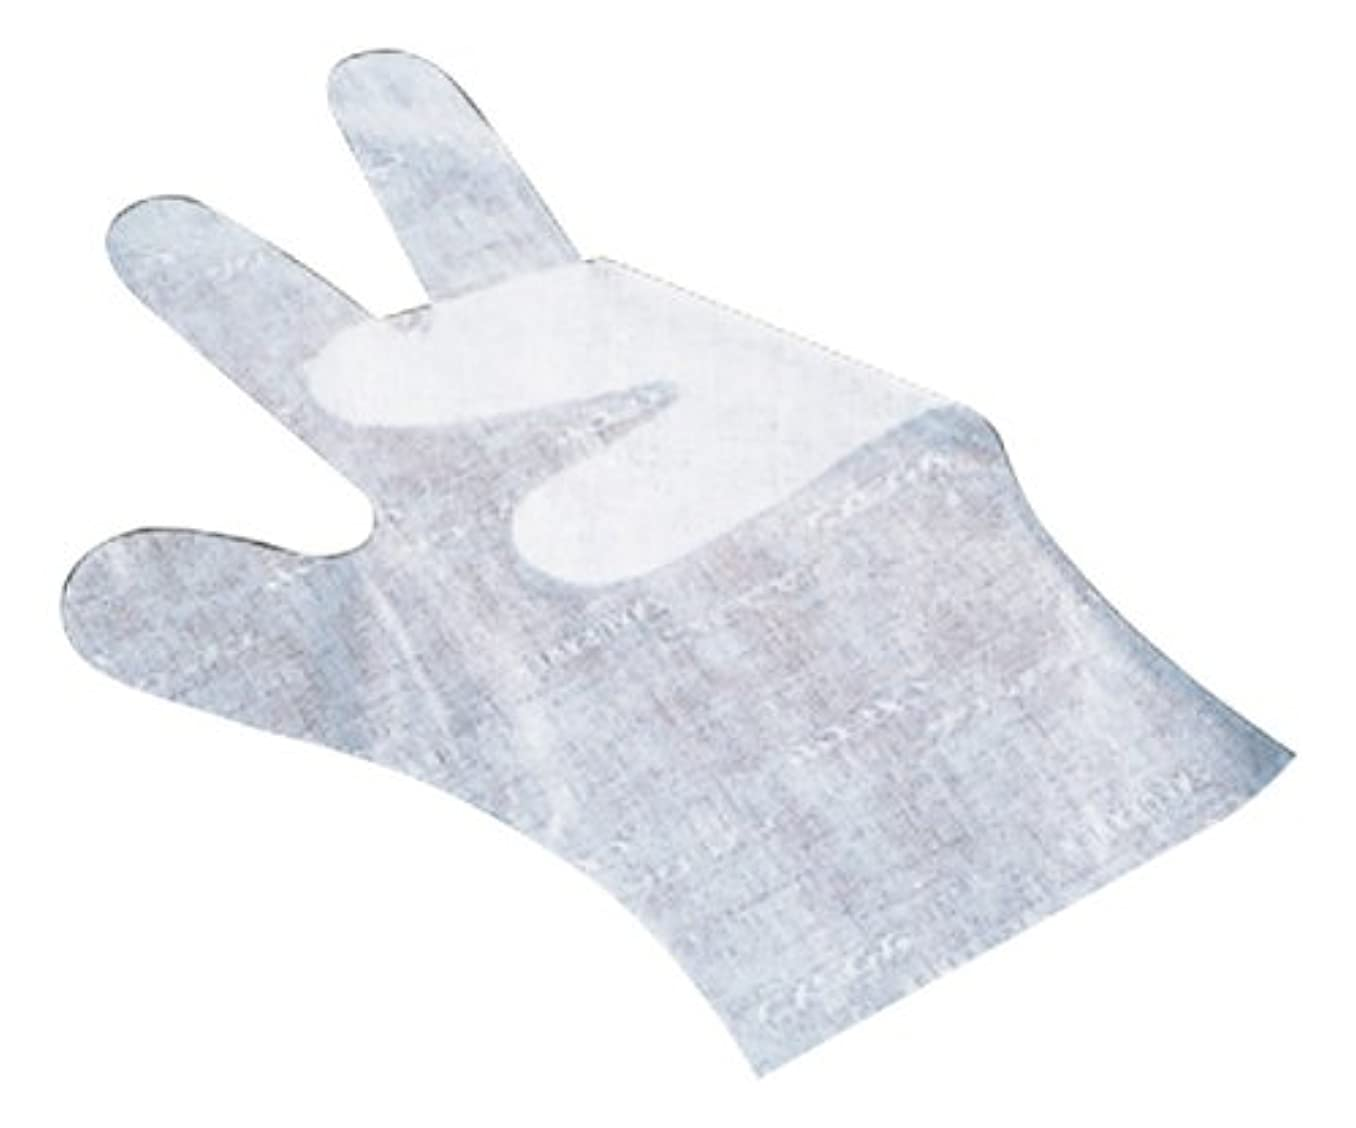 残忍なエロチックポップサクラメン手袋 デラックス(100枚入)S ホワイト 35μ